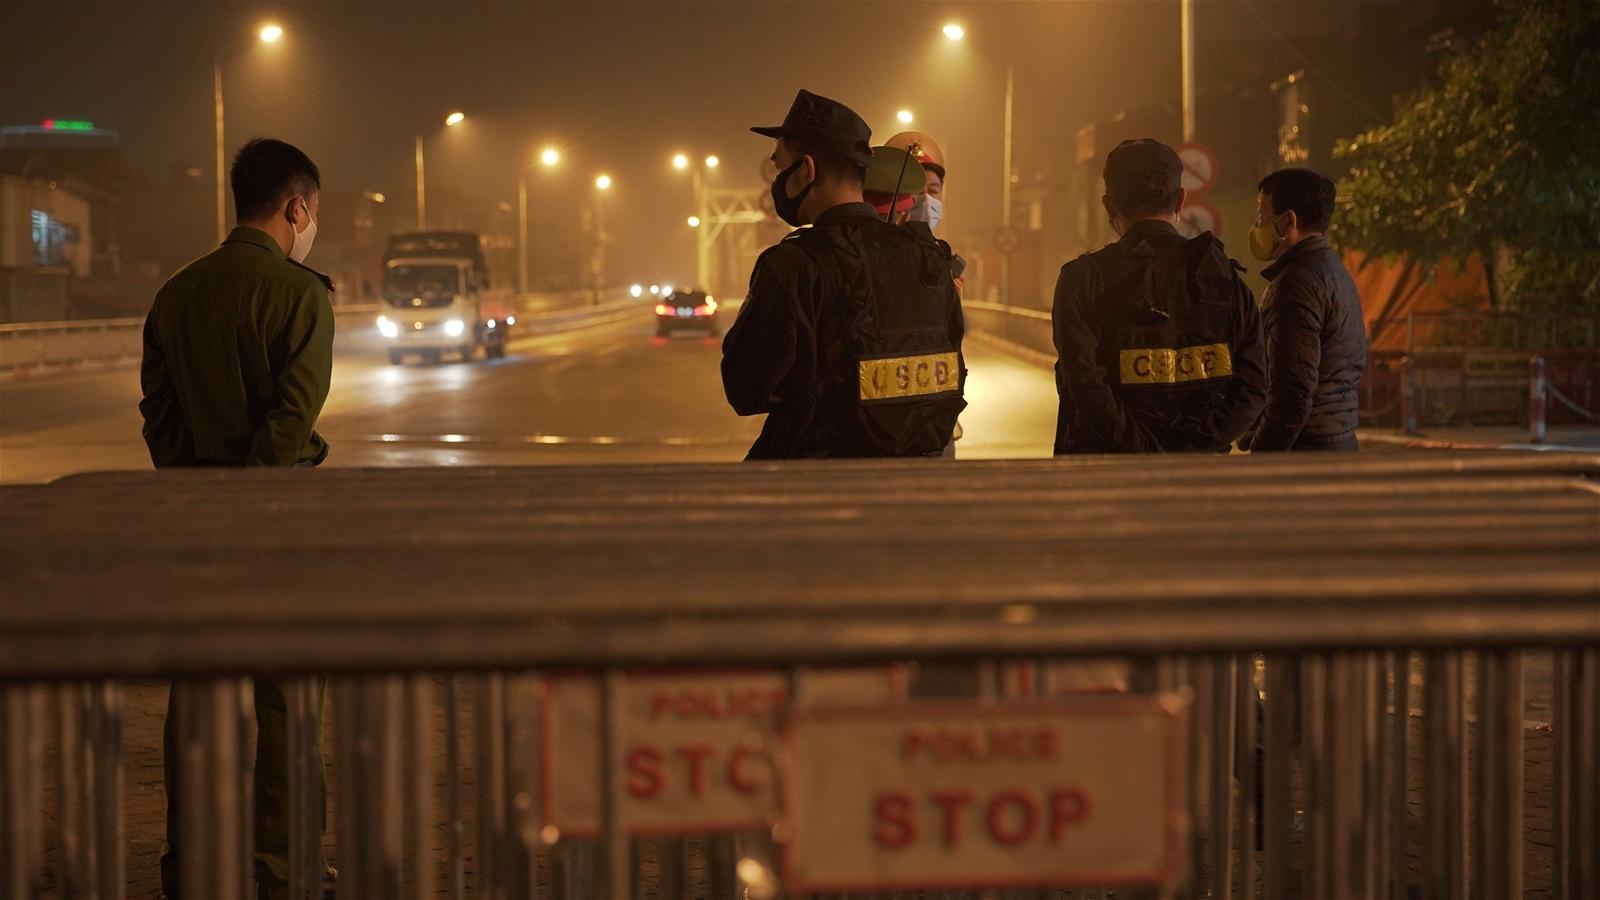 Cận cảnh các chốt kiểm soát việc thực hiện cách ly xã hội tại cửa ngõ Thủ đô